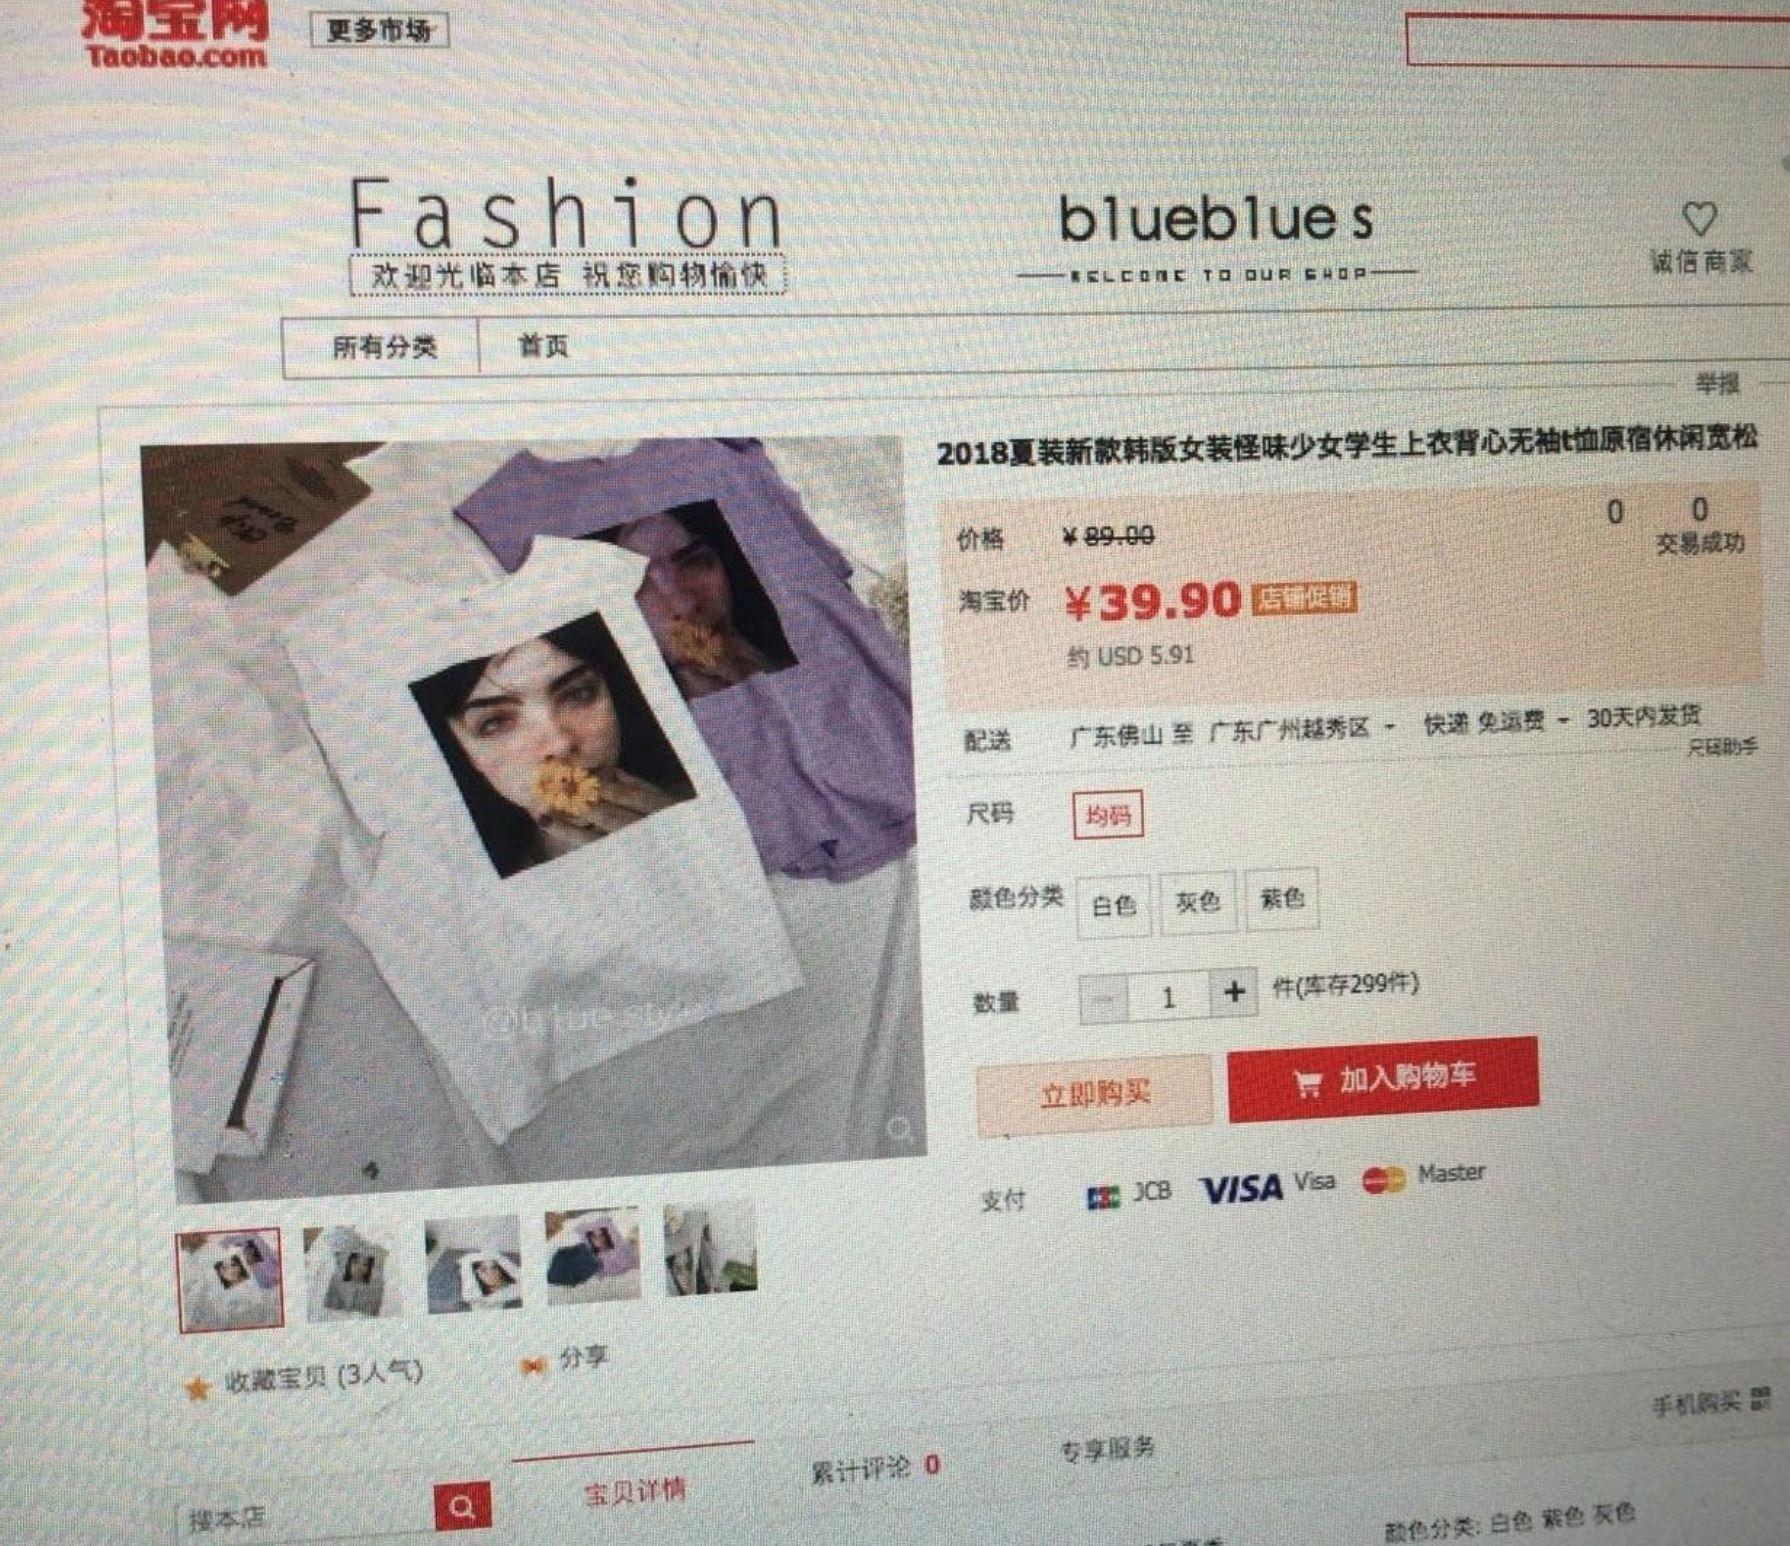 gadis terkejut ada orang pakai baju print muka dia, di jual di banyak negara asia